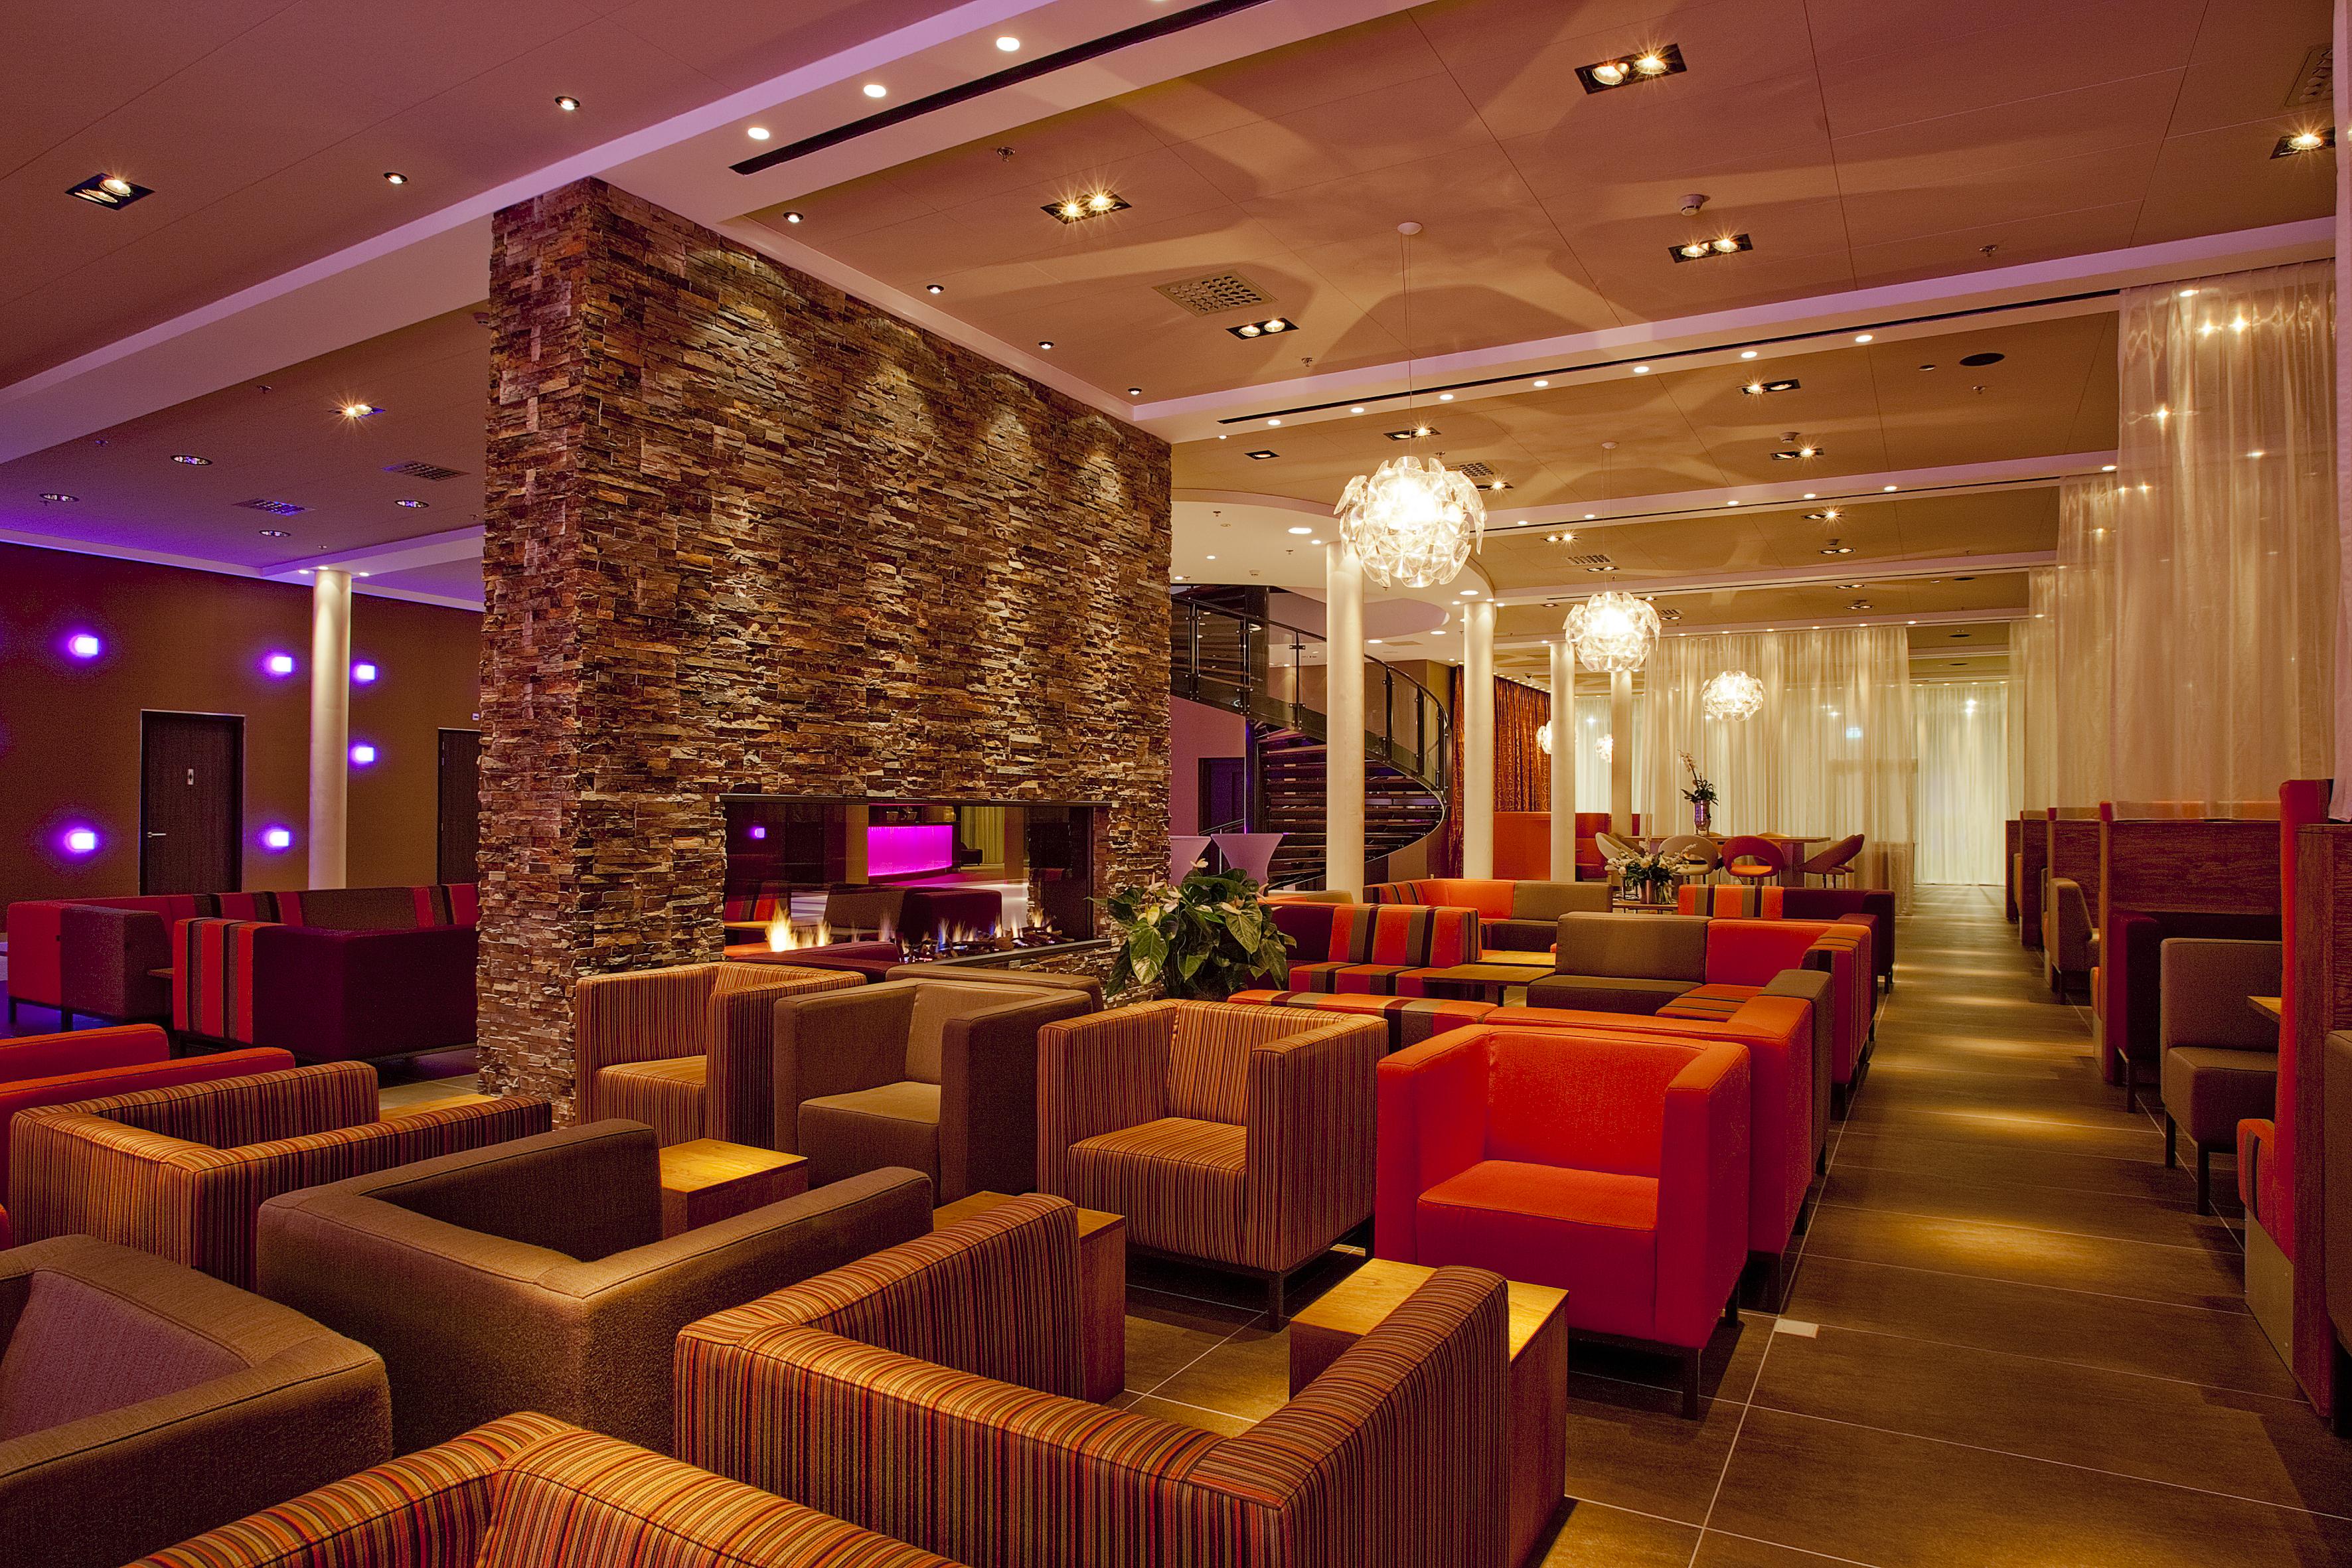 http://algra-marechal.nl/wp-content/uploads/2015/07/algra-marechal-hotel-lumen-zwolle-6.jpg